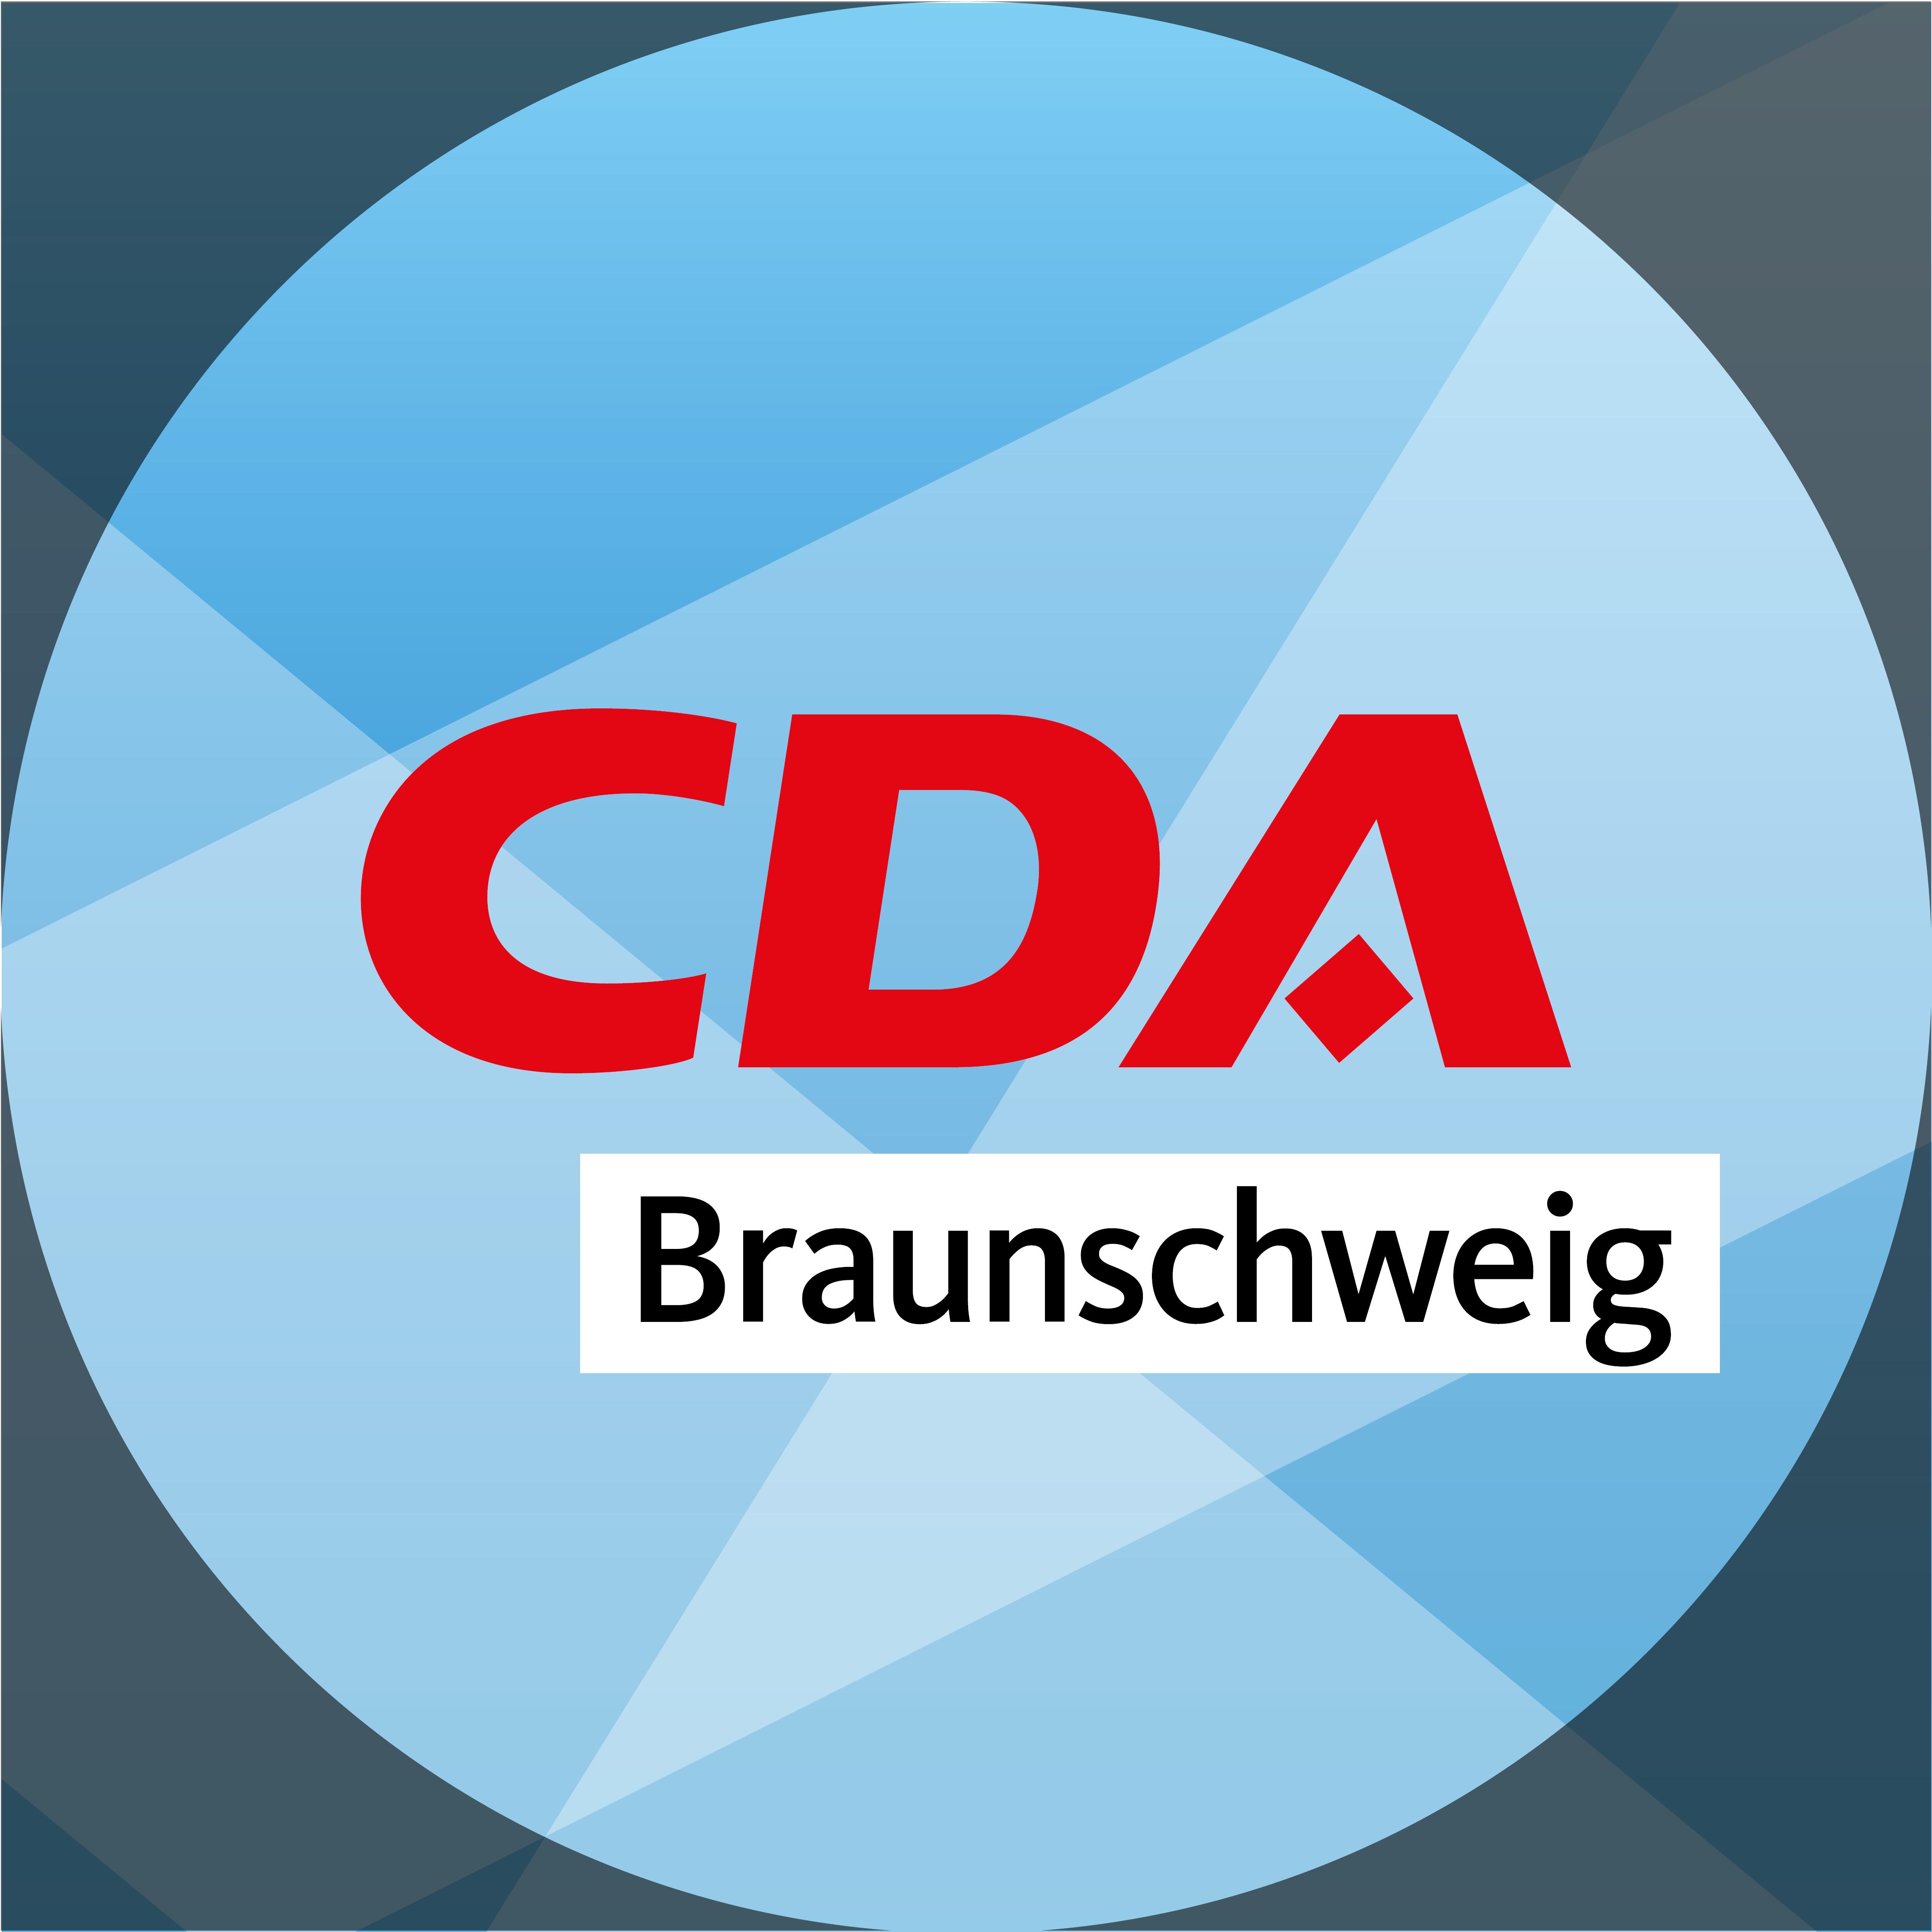 CDA Braunschweig: Exzellenz-Initiative Berufliche Bildung auch für die beruflichen Schulen erforderlich!